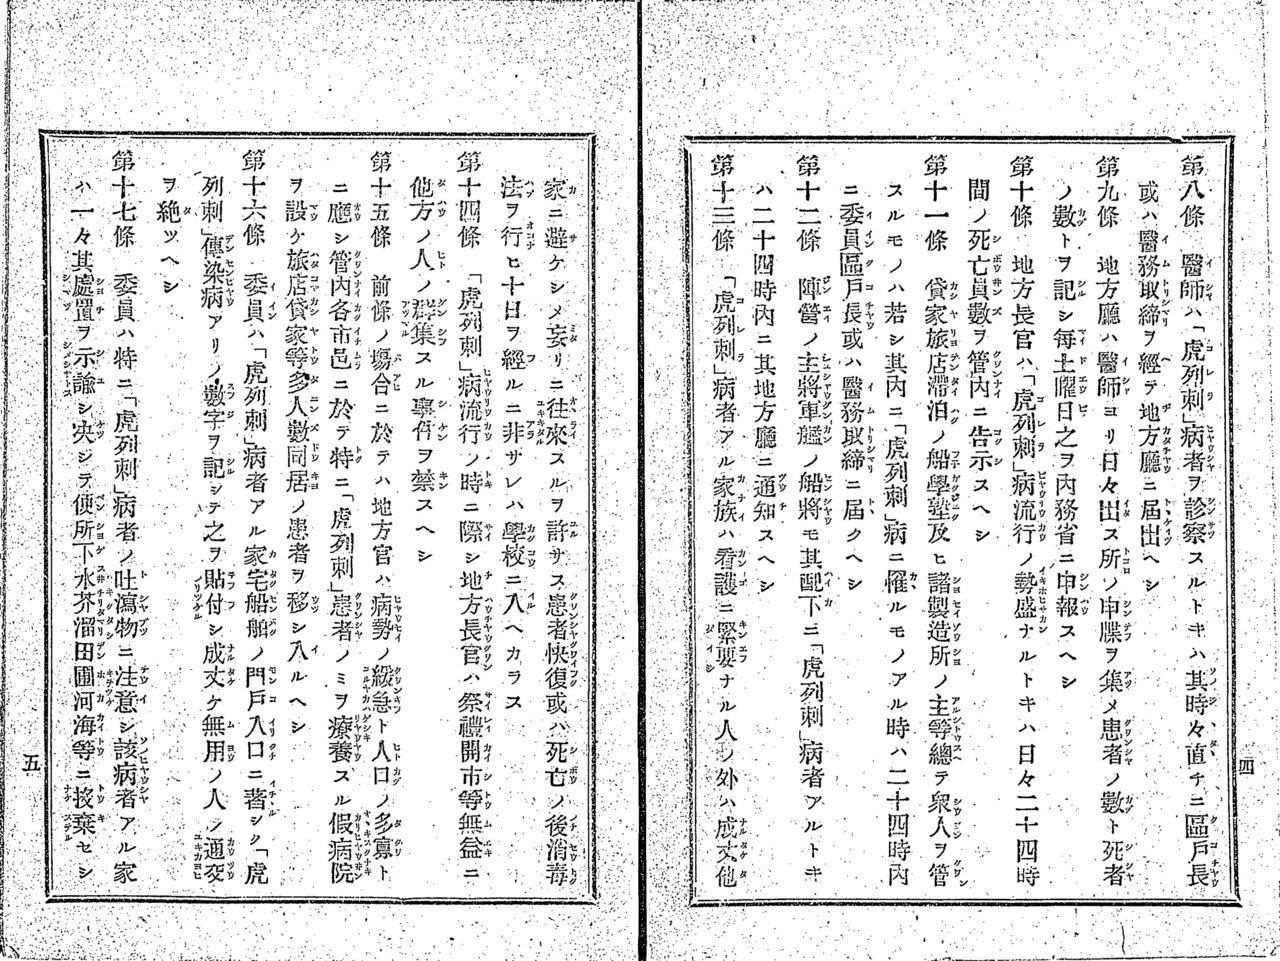 «Памятка о предотвращении холеры» (Национальная парламентская библиотека), страницы со статьёй 13. После выздоровления либо смерти больного семья должна дезинфицировать дом, и в течение 10 дней детям запрещено посещать школу